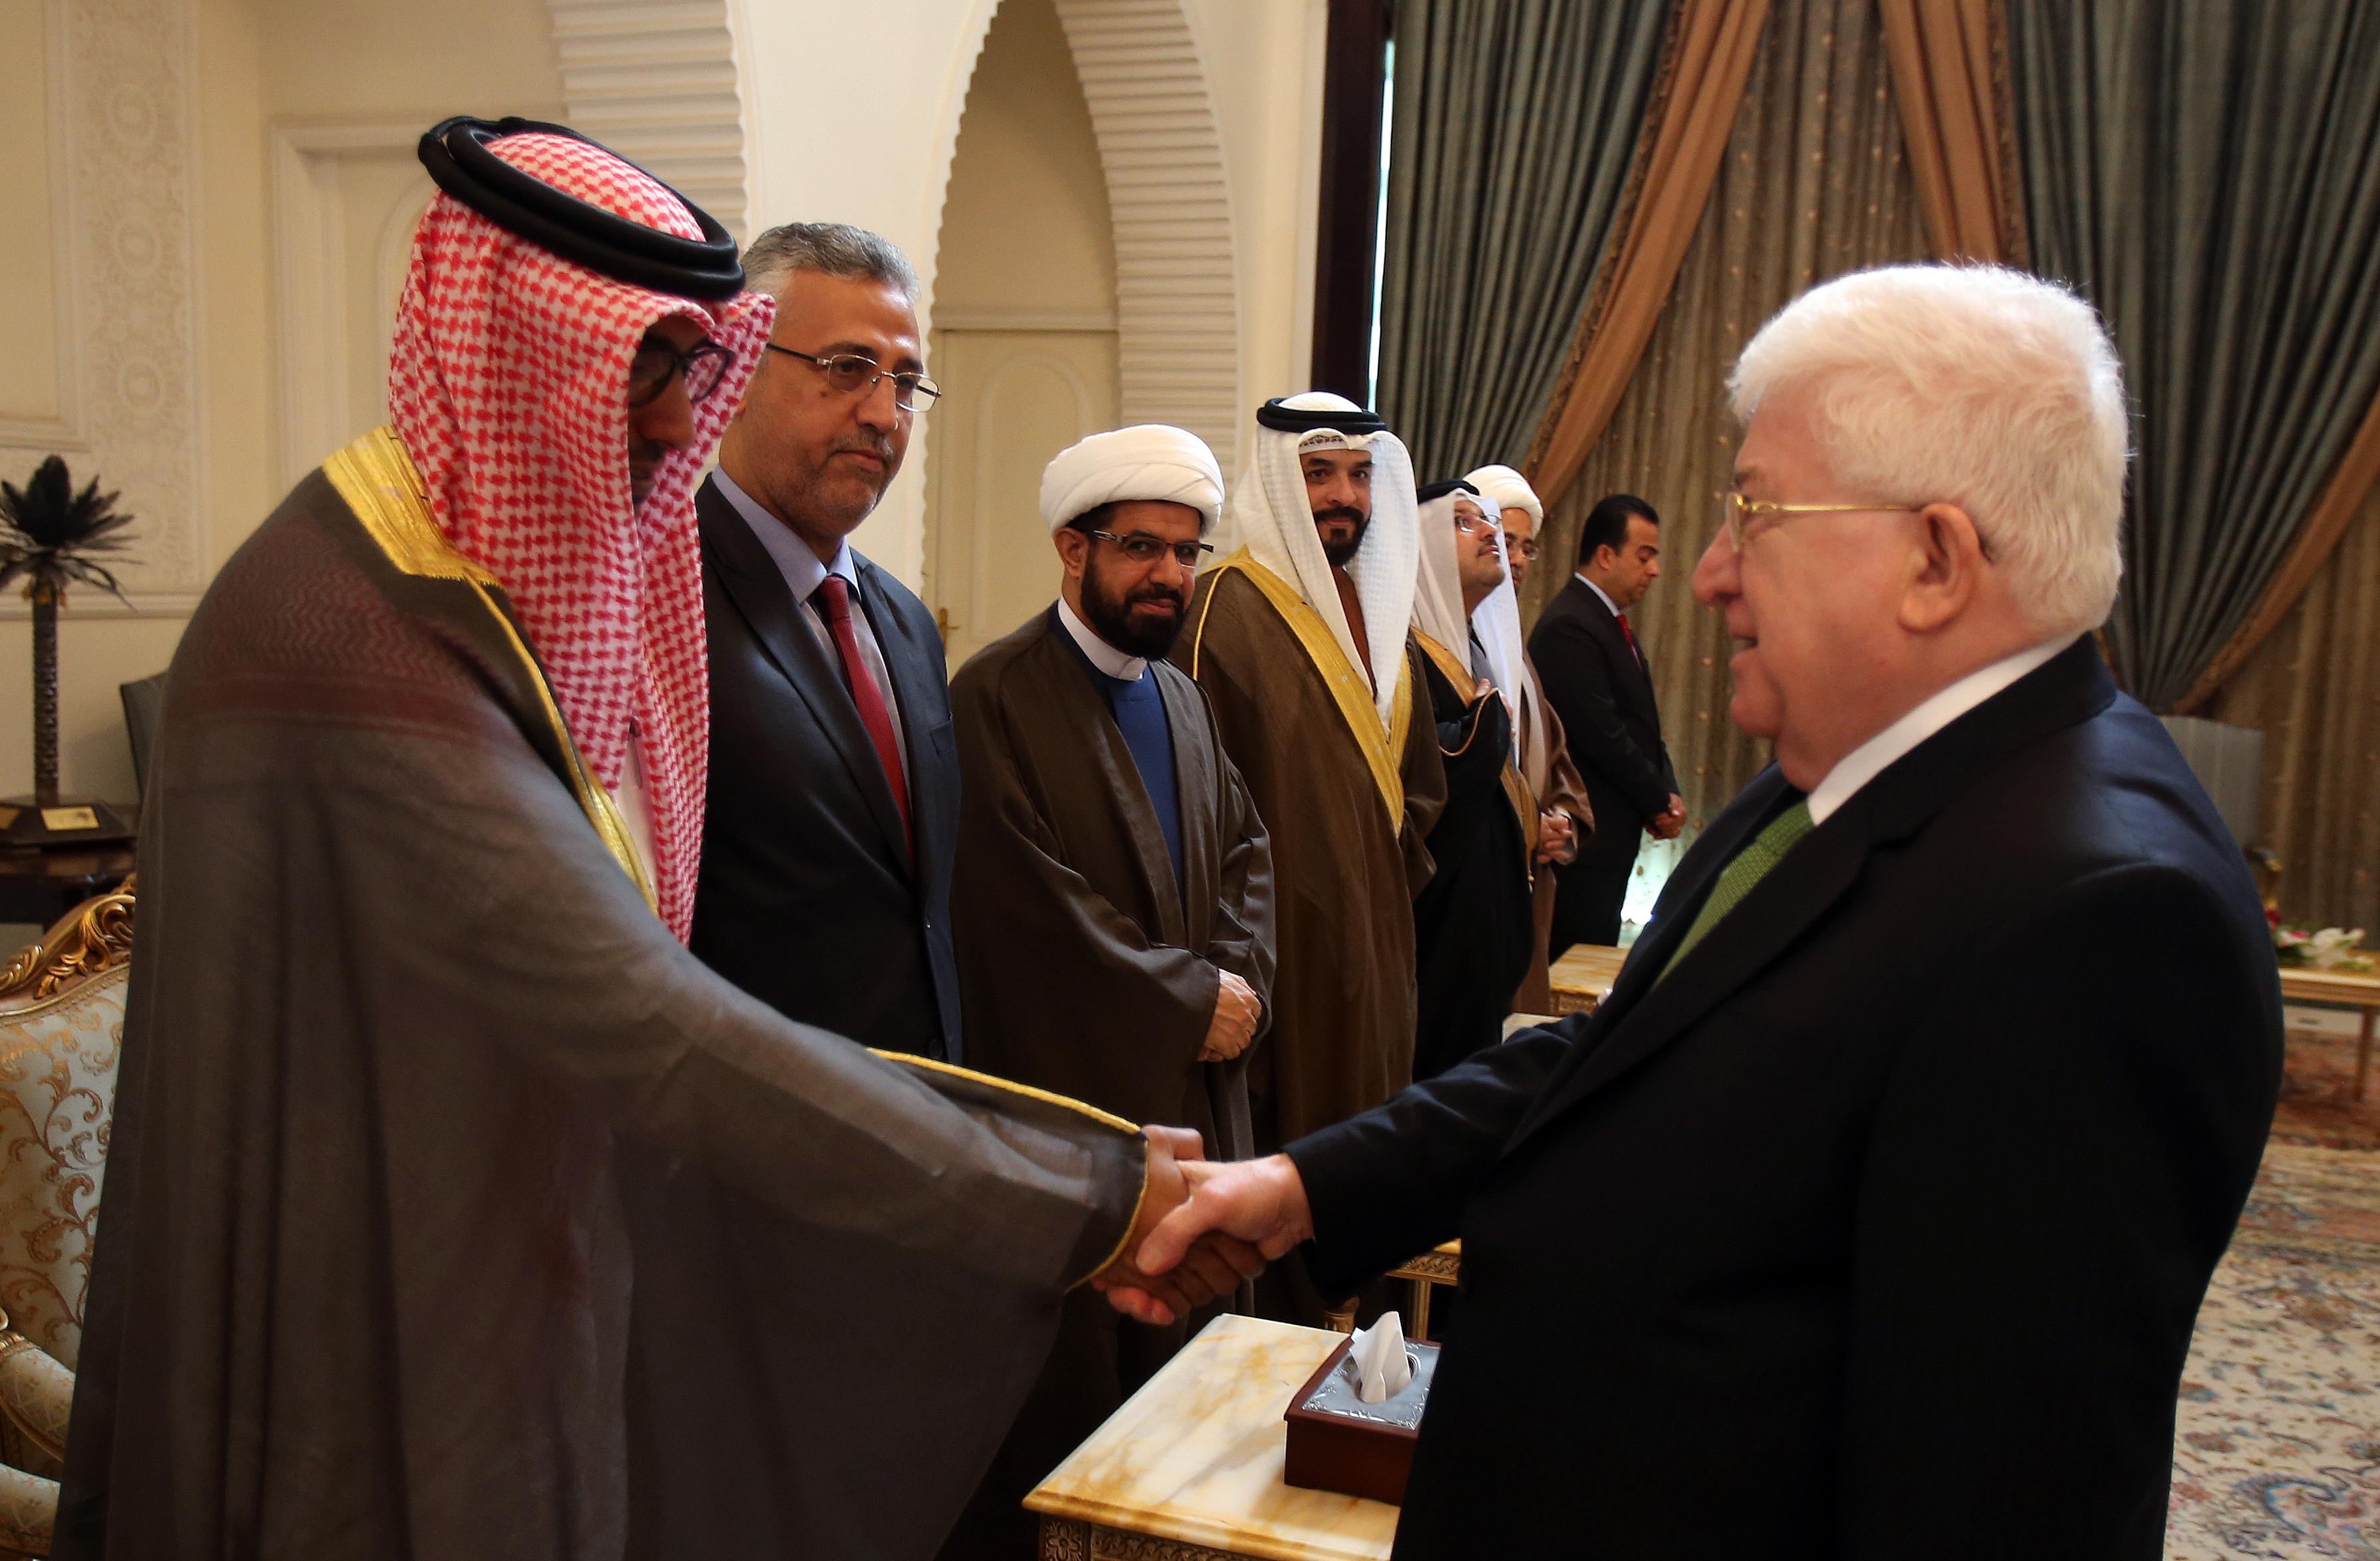 معصوم يدعو إلى تعزيز العلاقات بين العراق والبحرين